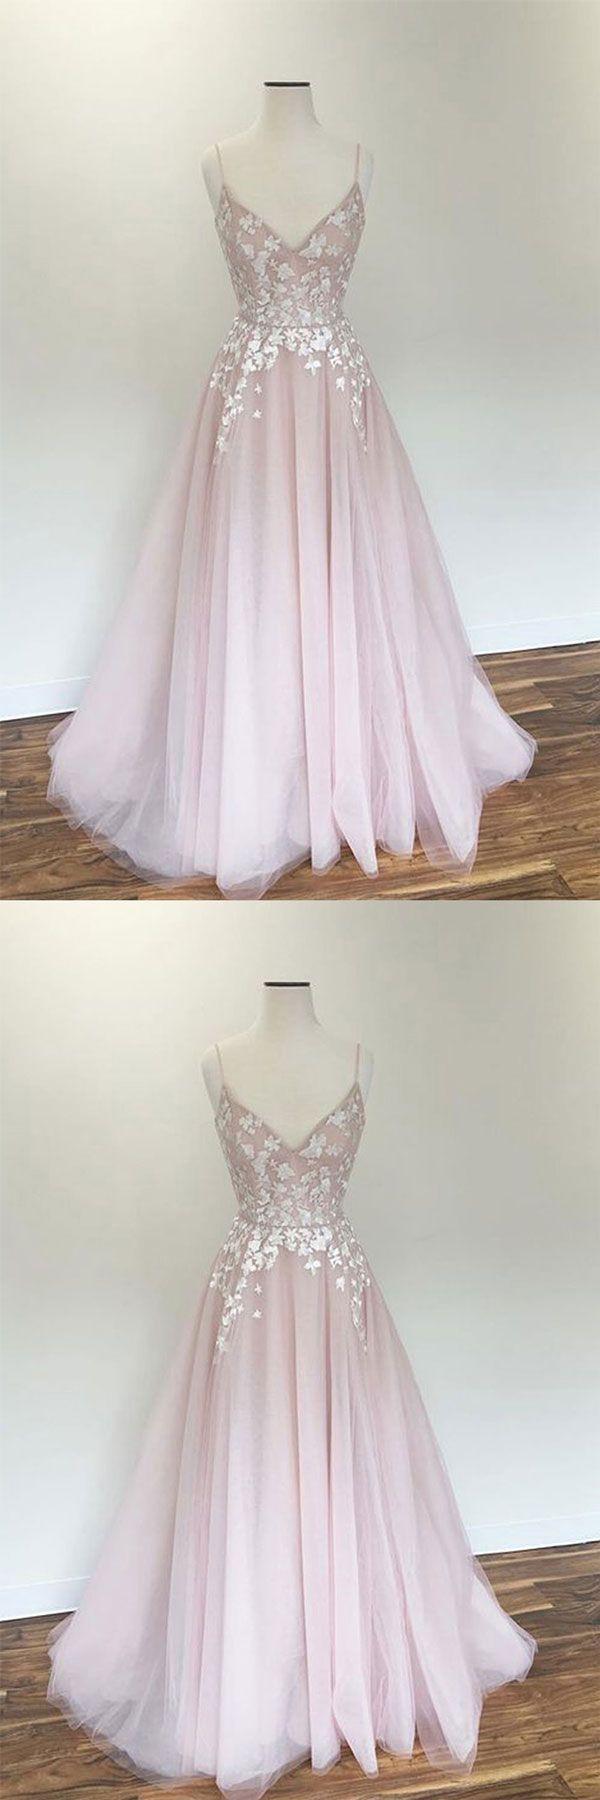 Light pink v neck tulle applique long prom dress pink evening dress